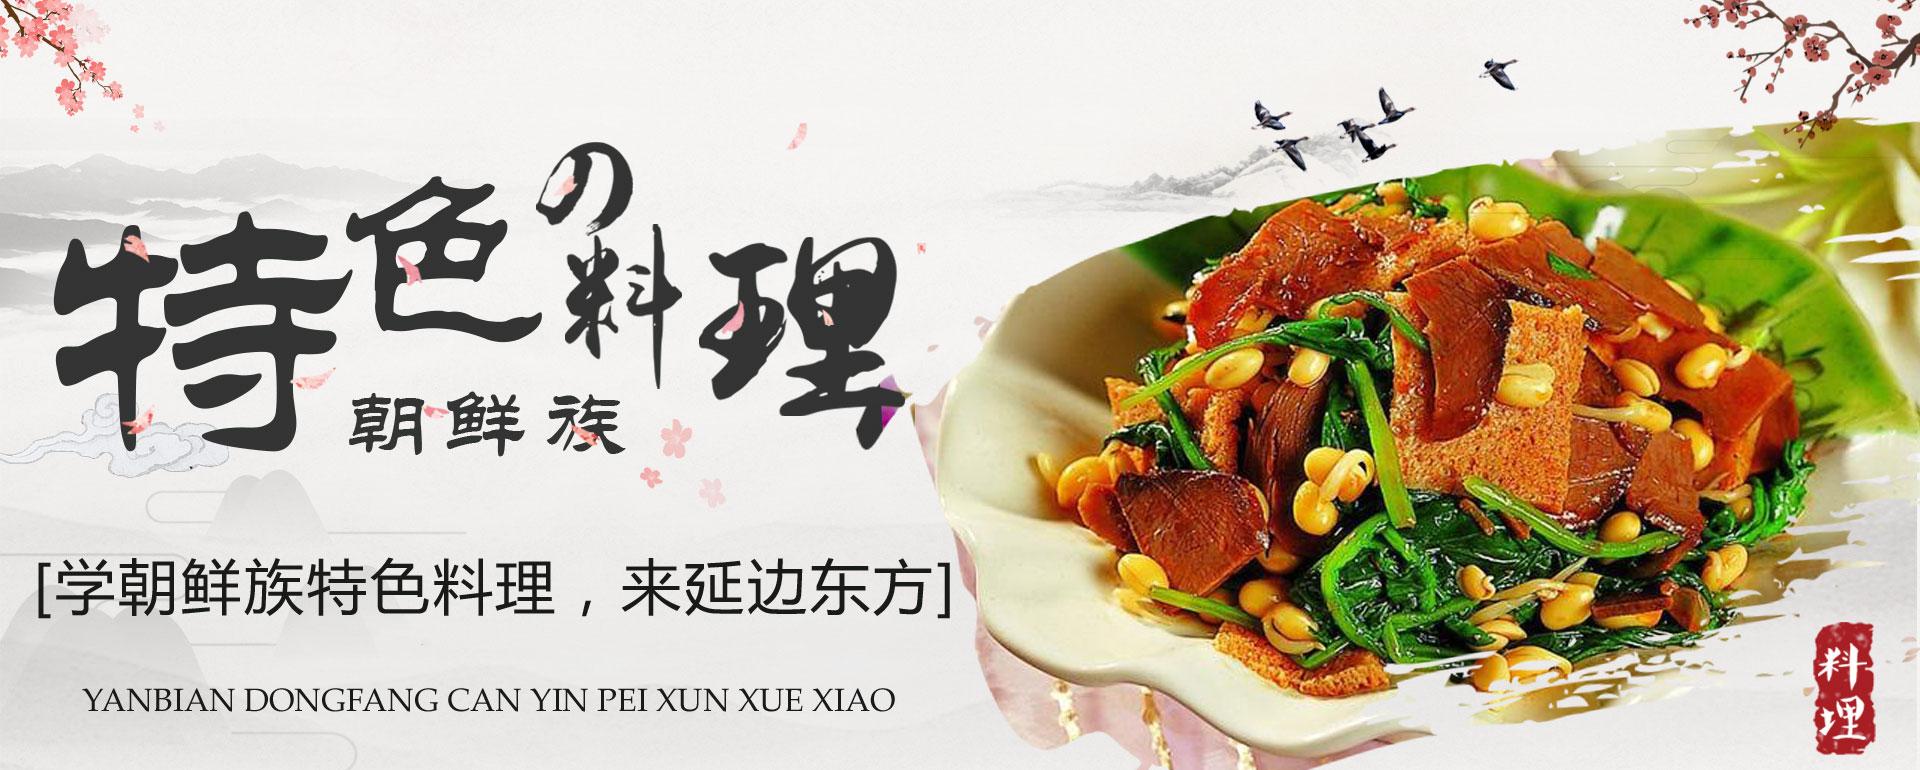 韩国料理特色课程